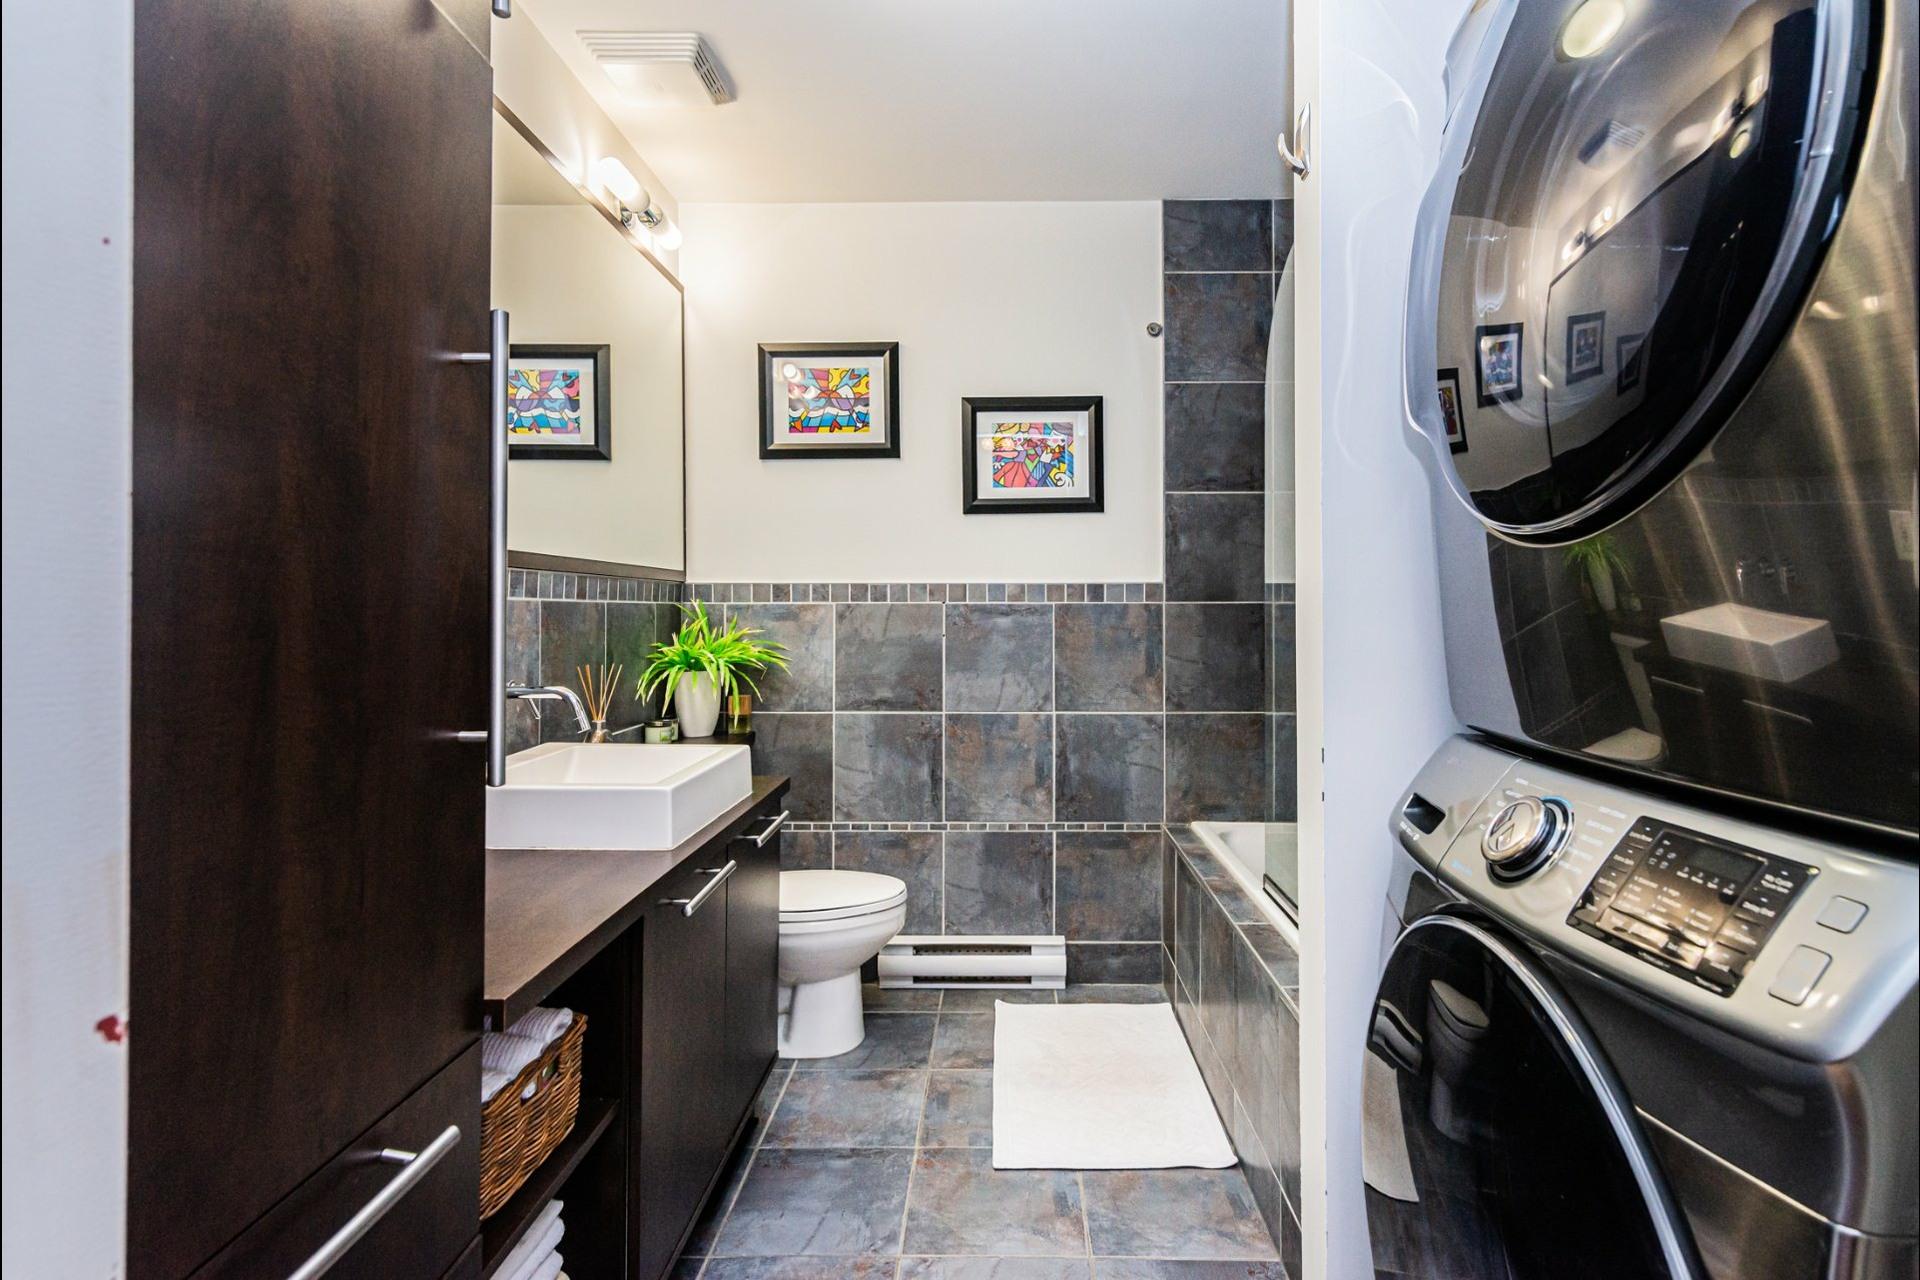 image 9 - Apartment For sale Saint-Laurent Montréal  - 4 rooms